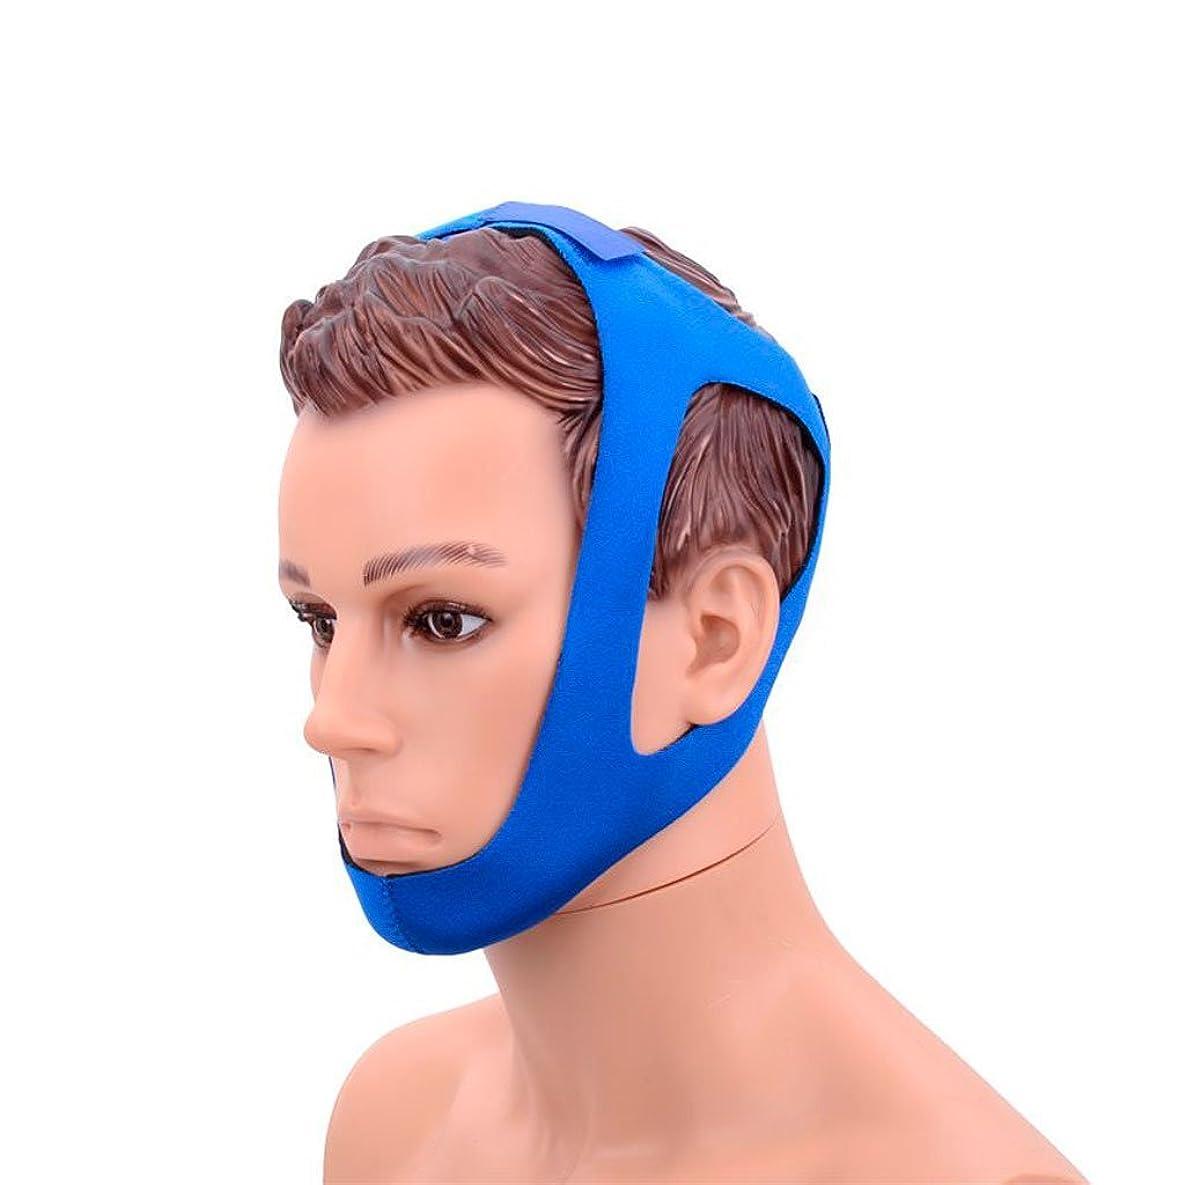 読み書きのできない辛いわかりやすいQi いびき防止、人工物の停止 - 男性と女性のいびきの撲滅 - 障害物 - いびきストッパー - 顎ベルト - 脱臼 - Xia (色 : Blue)